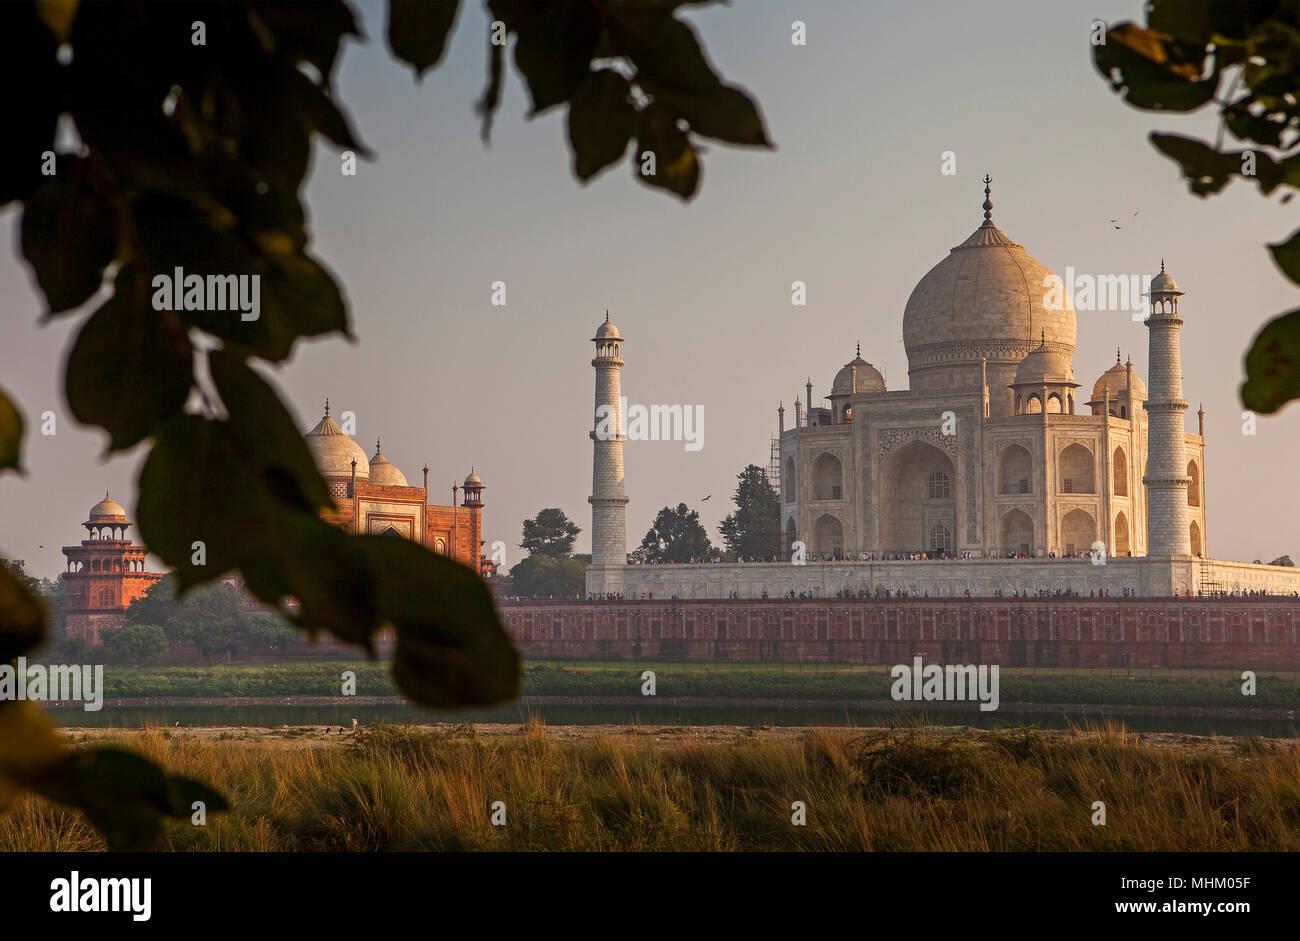 Il framing, incorniciato, telaio, Taj Mahal, dal fiume Yamuna, Sito Patrimonio Mondiale dell'UNESCO, Agra, Uttar Pradesh, India Immagini Stock